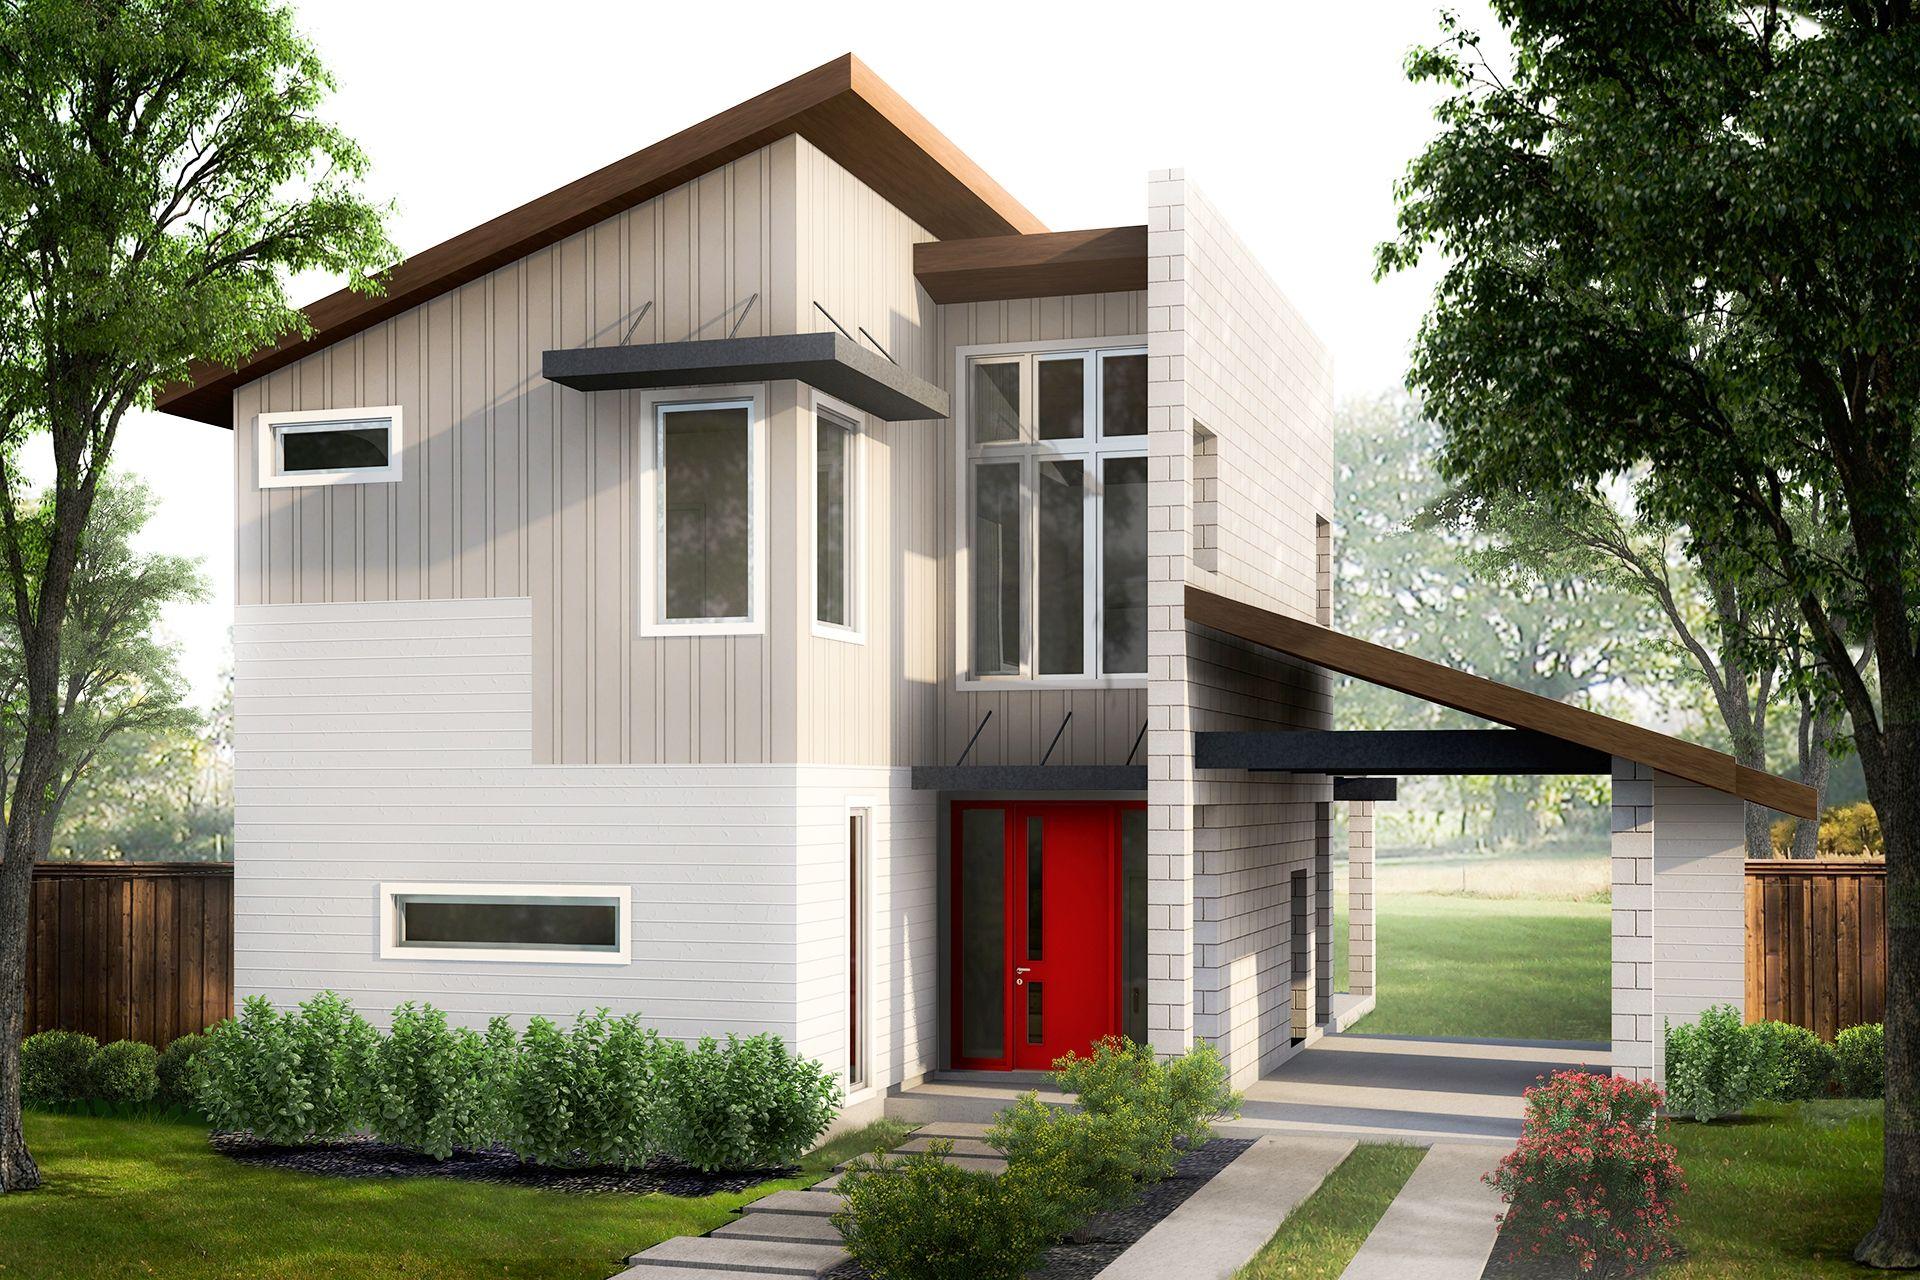 кирпичный дом с односкатной крышей